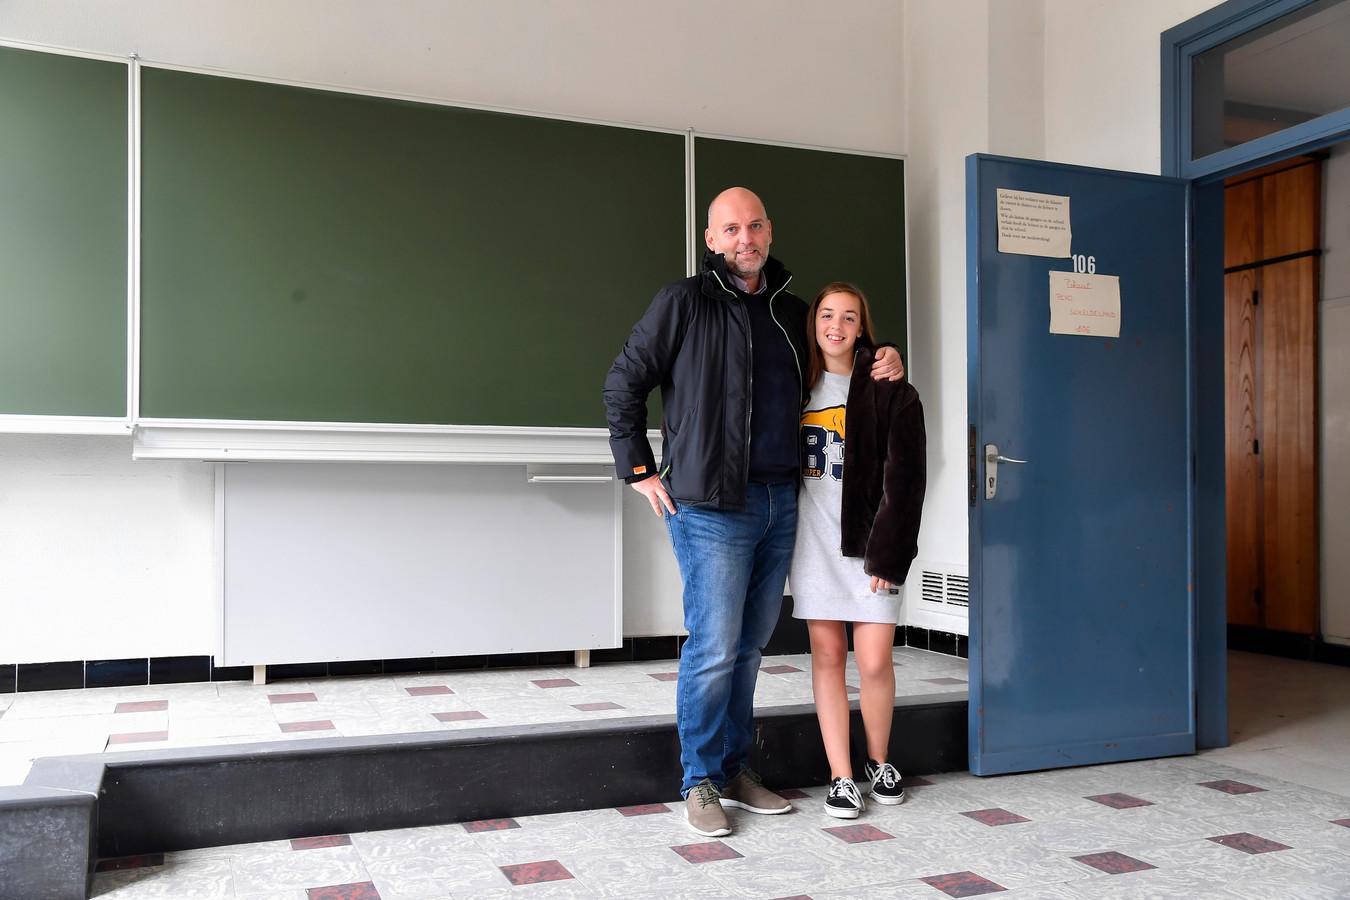 Oud-leerling Ben Maes toont dochter Amber waar hij midden jaren tachtig school liep en op internaat zat.